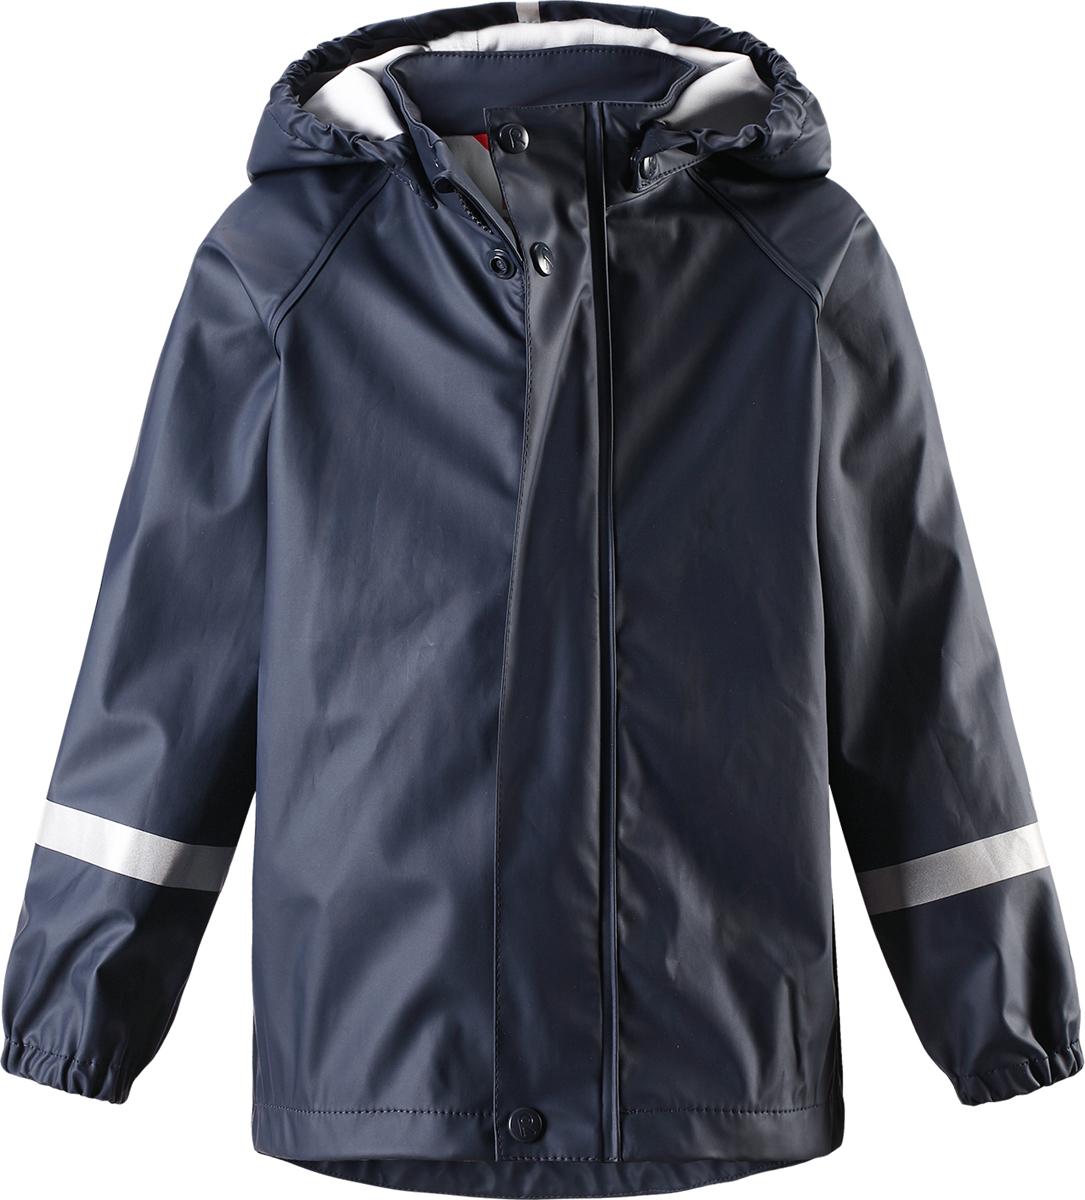 Куртка-дождевик детская Reima Lampi, цвет: синий. 5214916980. Размер 1225214916980Детская куртка-дождевик Lampi стильно смотрится и гарантирует защиту от дождя. Эластичный материал не деревенеет на морозе, поэтому этот дождевик можно носить круглый год просто добавьте в холодную погоду теплый промежуточный слой. Съемный капюшон защитит даже от ливня, при этом он безопасен во время прогулок в дождливый день. В туманный день или в темное время суток светоотражатели будут просто незаменимы. Материал сертифицирован по стандарту Oeko-Tex и не содержит ПВХ.